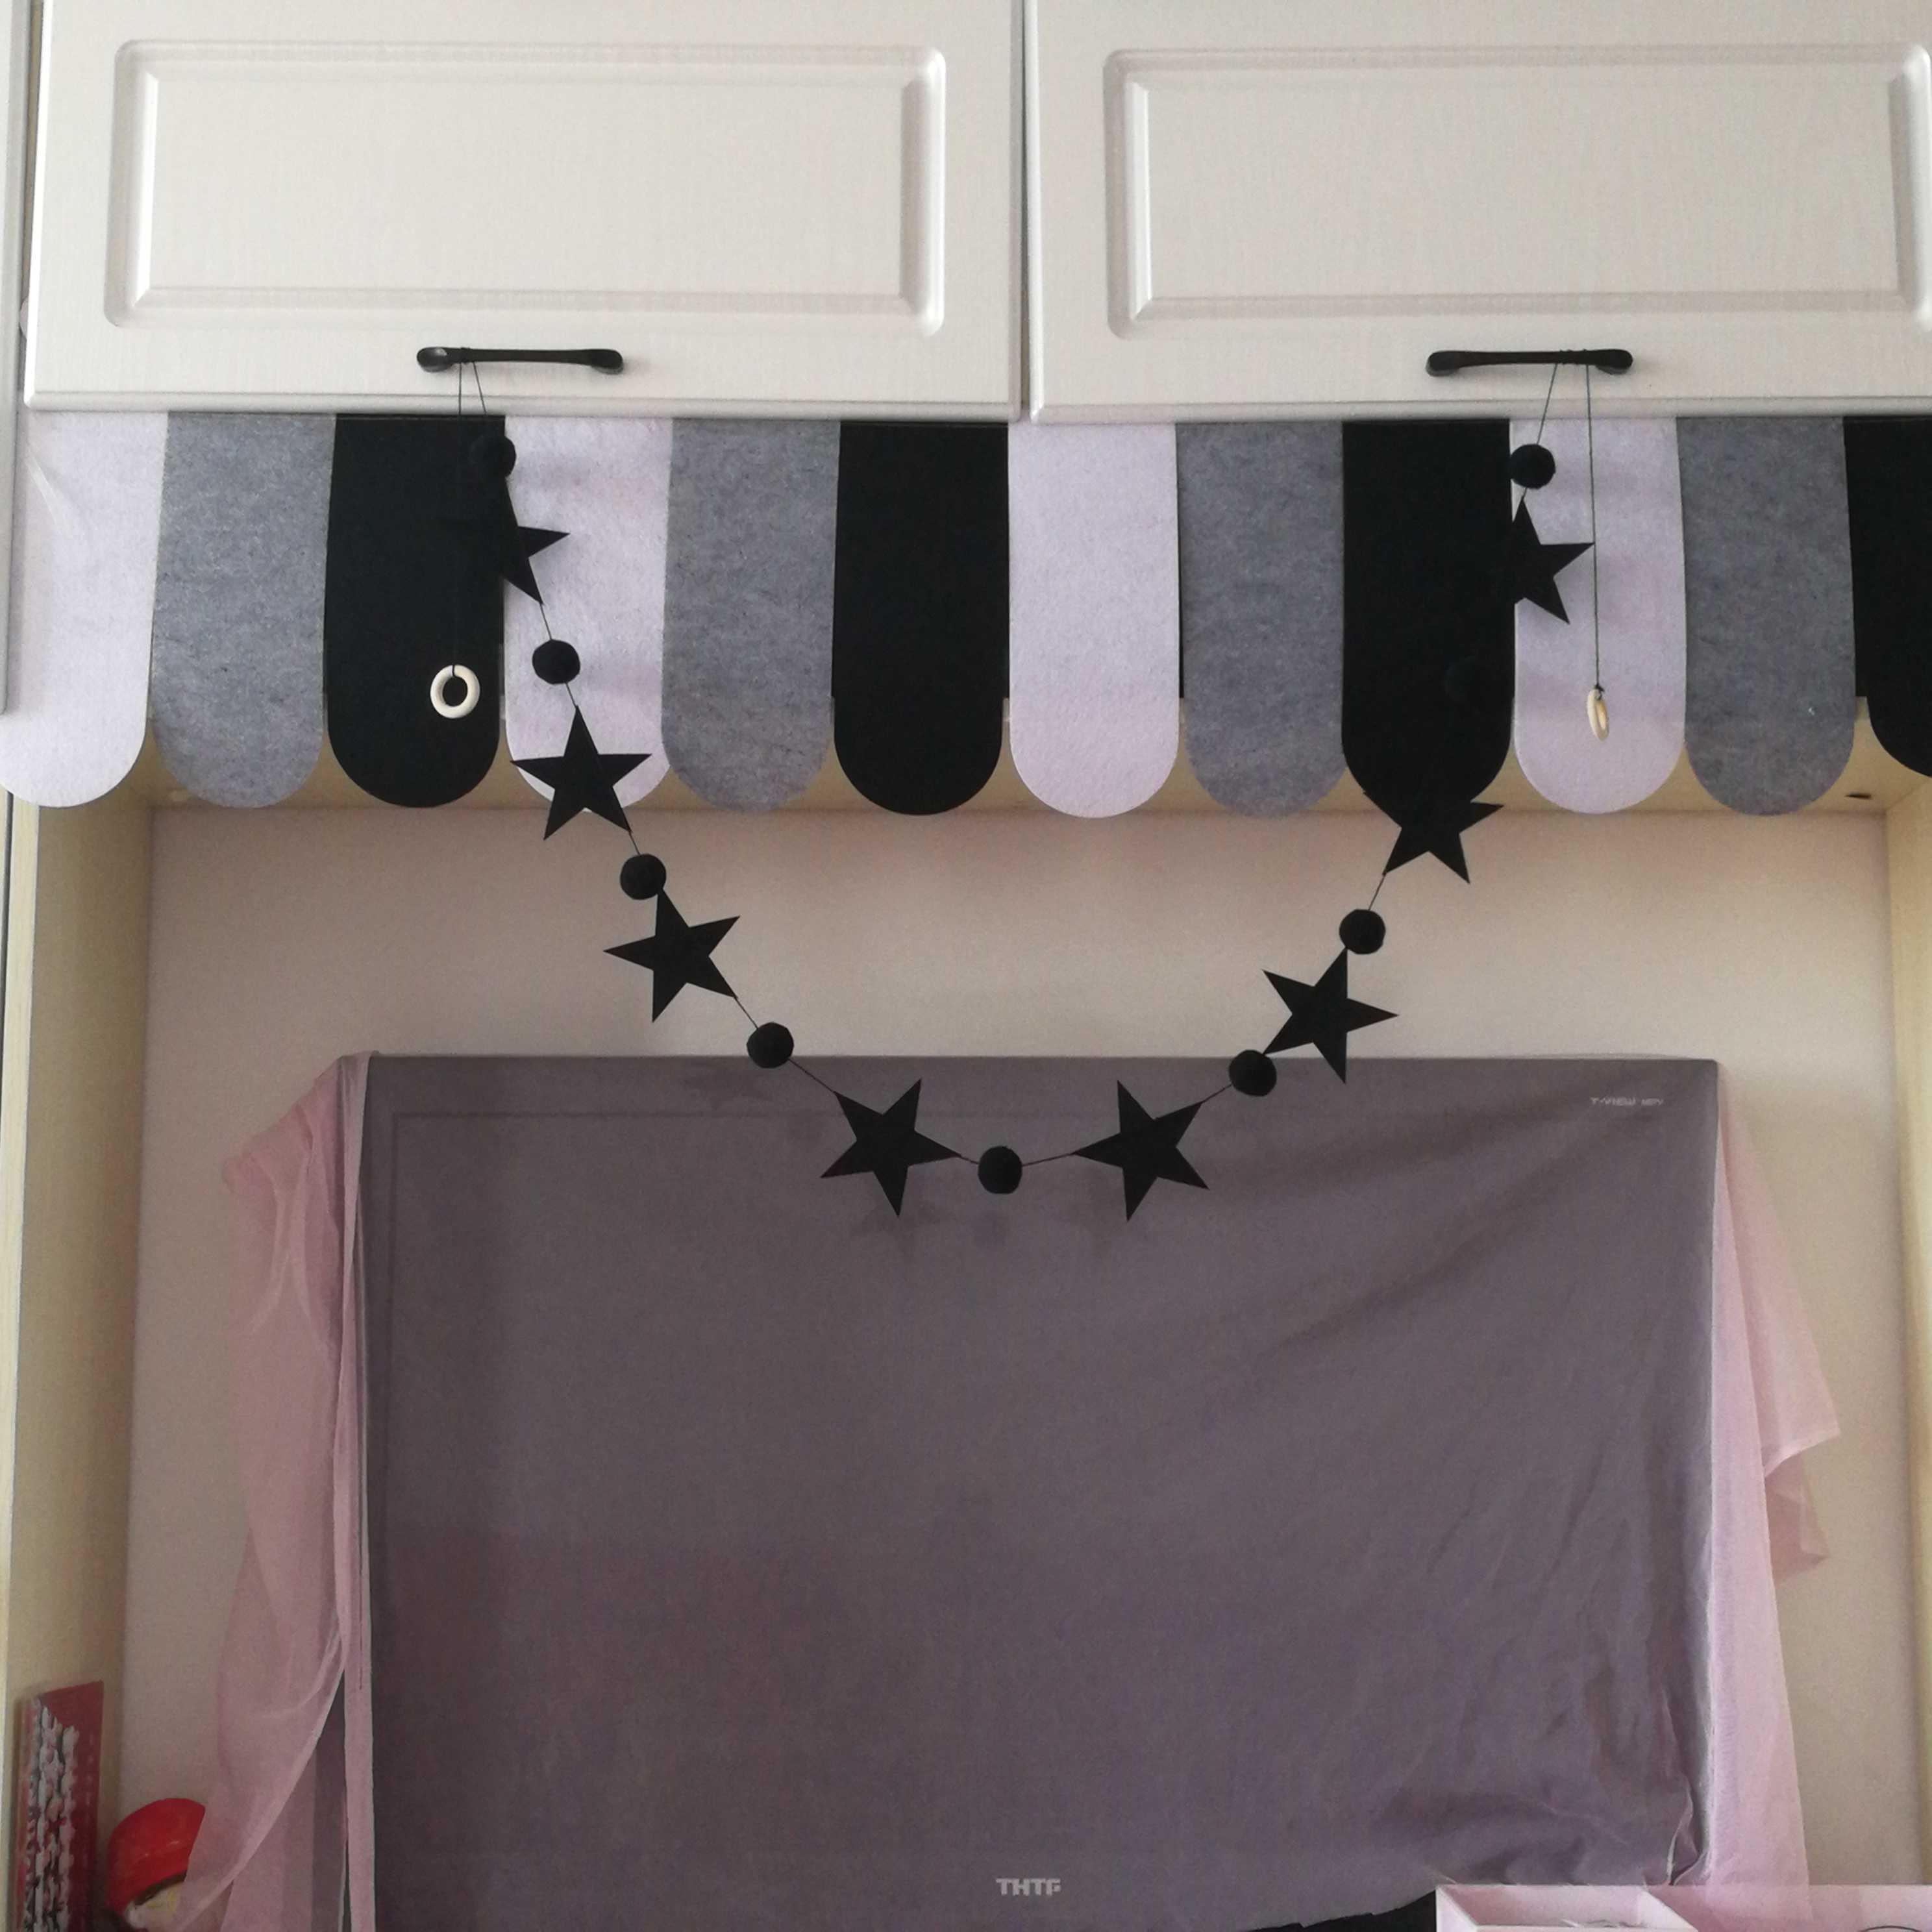 派对生日ins北欧风装饰黑白灰毛球串挂饰派对拍照布置用品